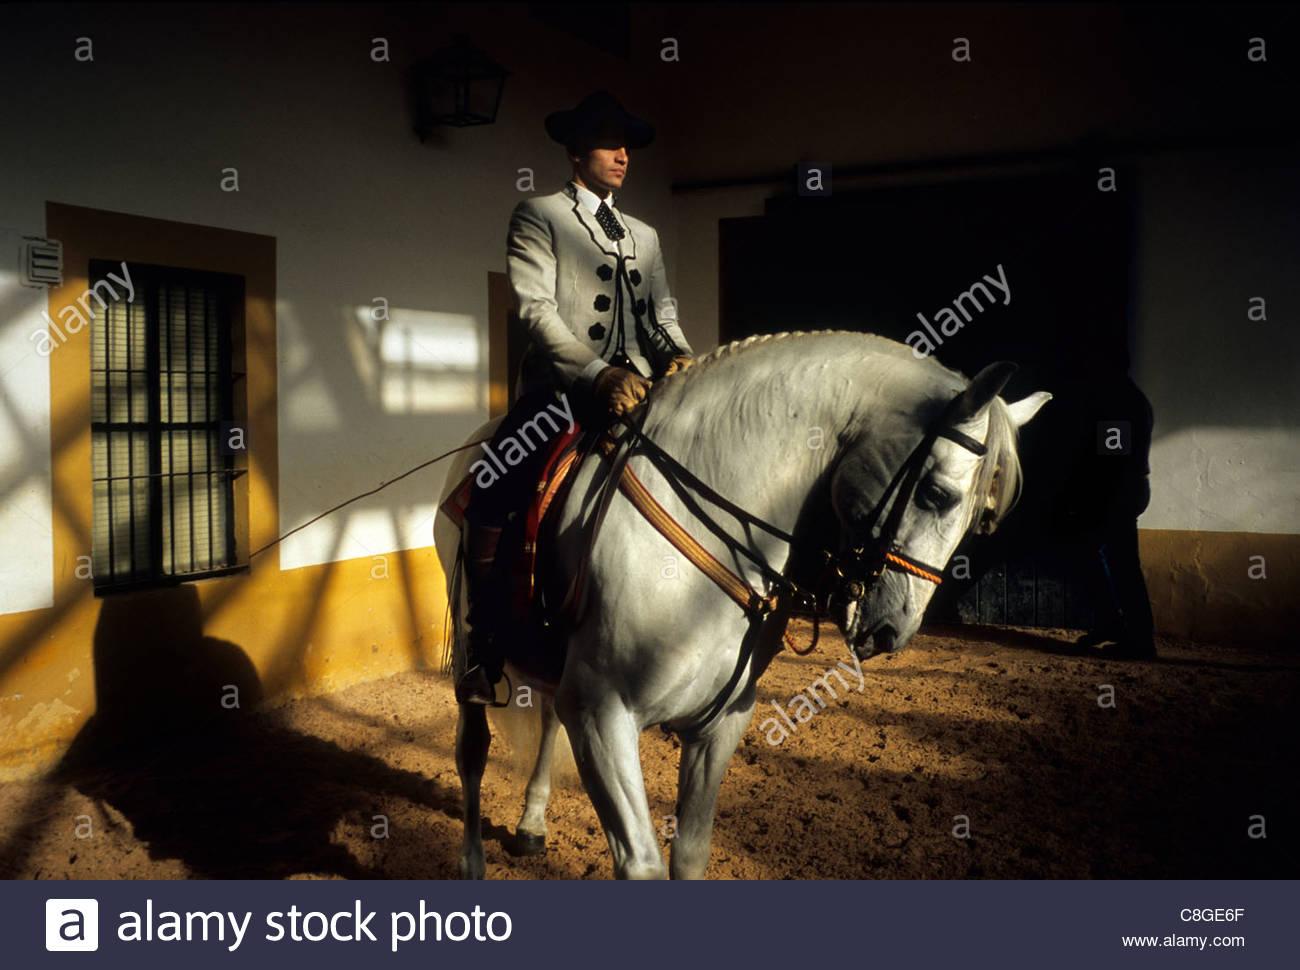 Un cavaliere a cavallo presso il Regio Maneggio a Jerez. Immagini Stock